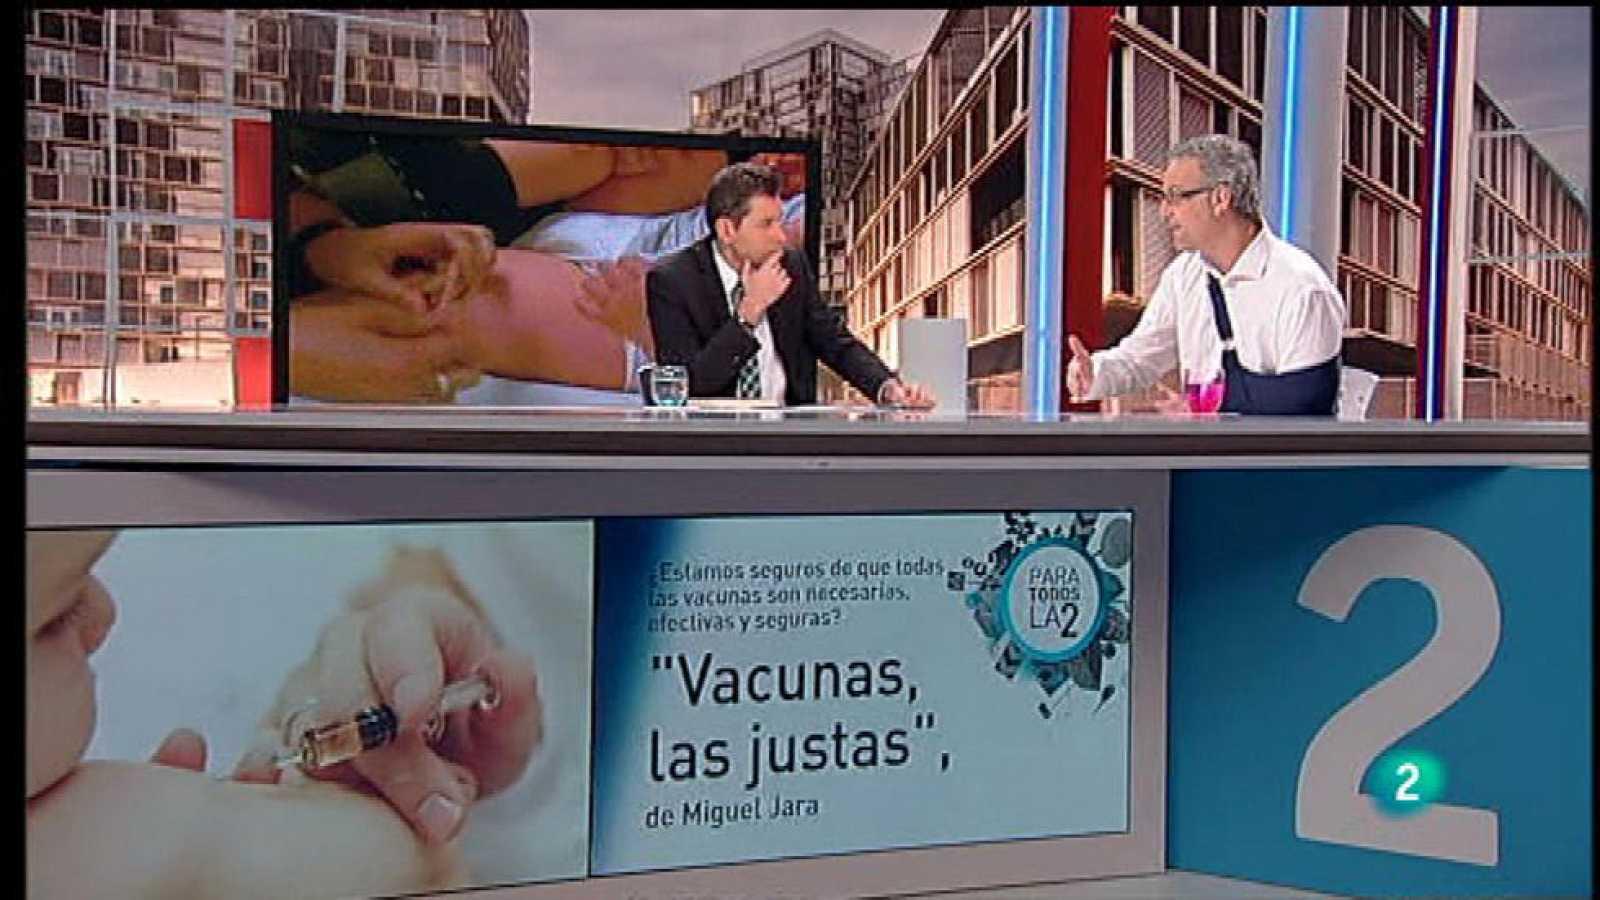 Para Todos La 2 - Entrevista - Miguel Jara, las vacunas